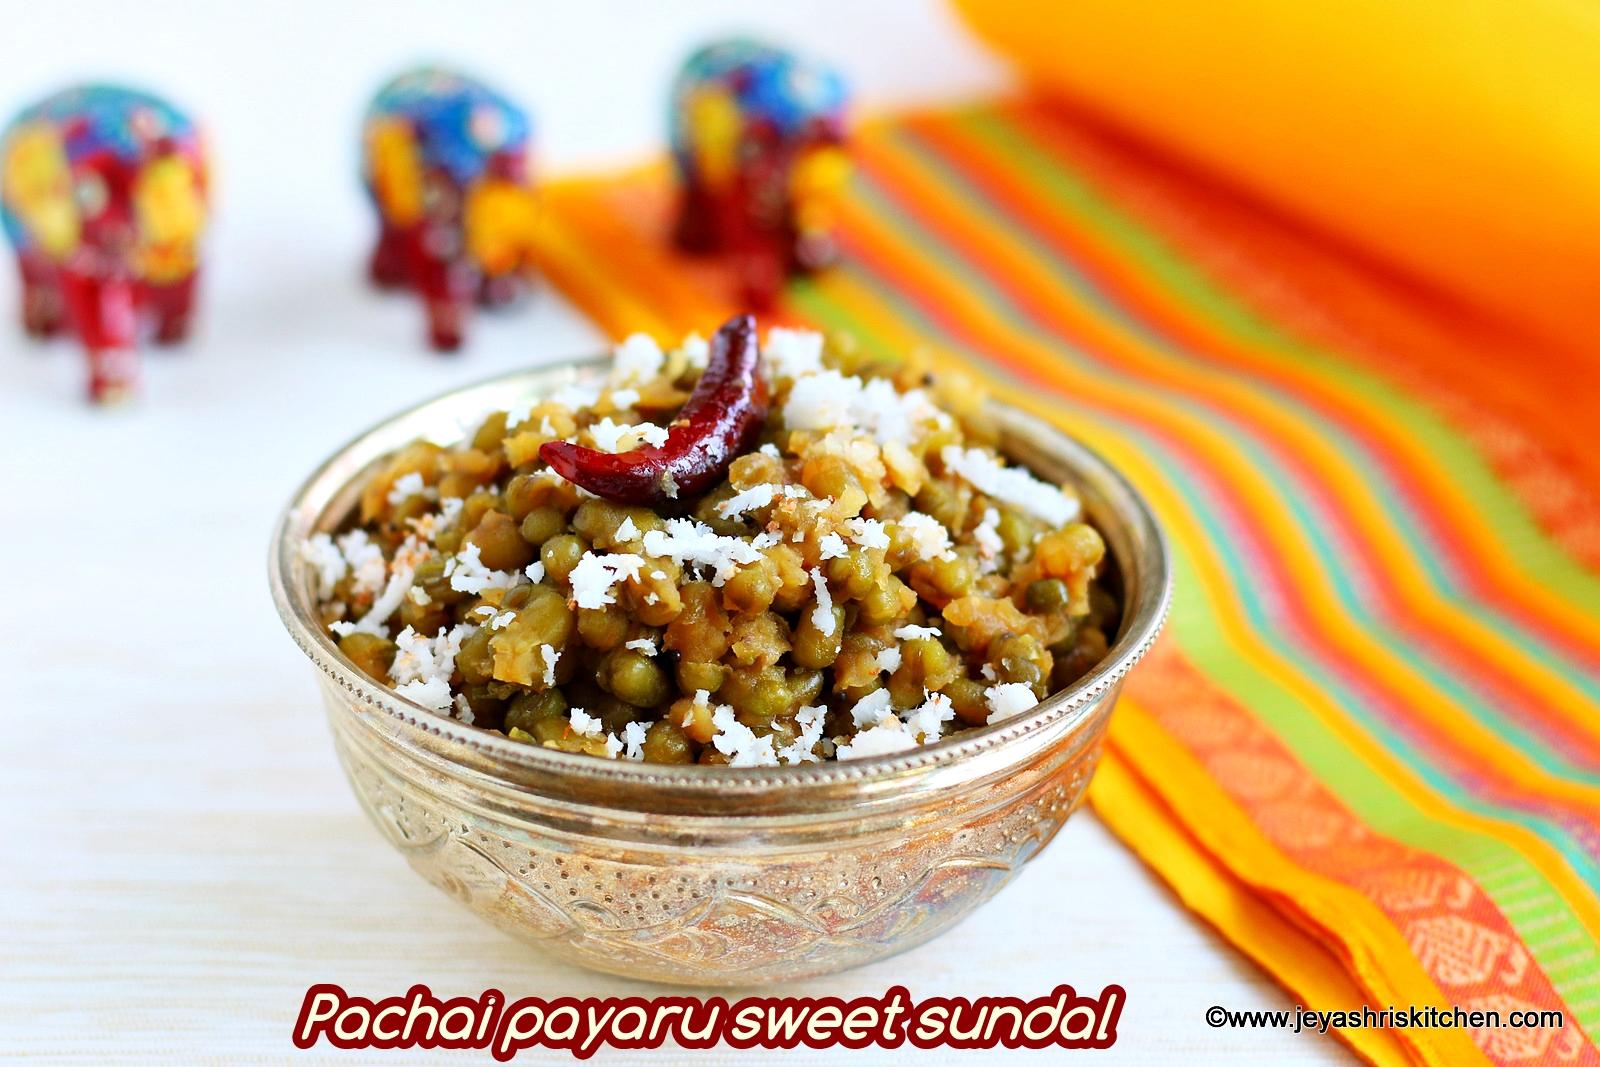 pachai payaru vella sundal recipe green gram sundal - Jeyashris Kitchen